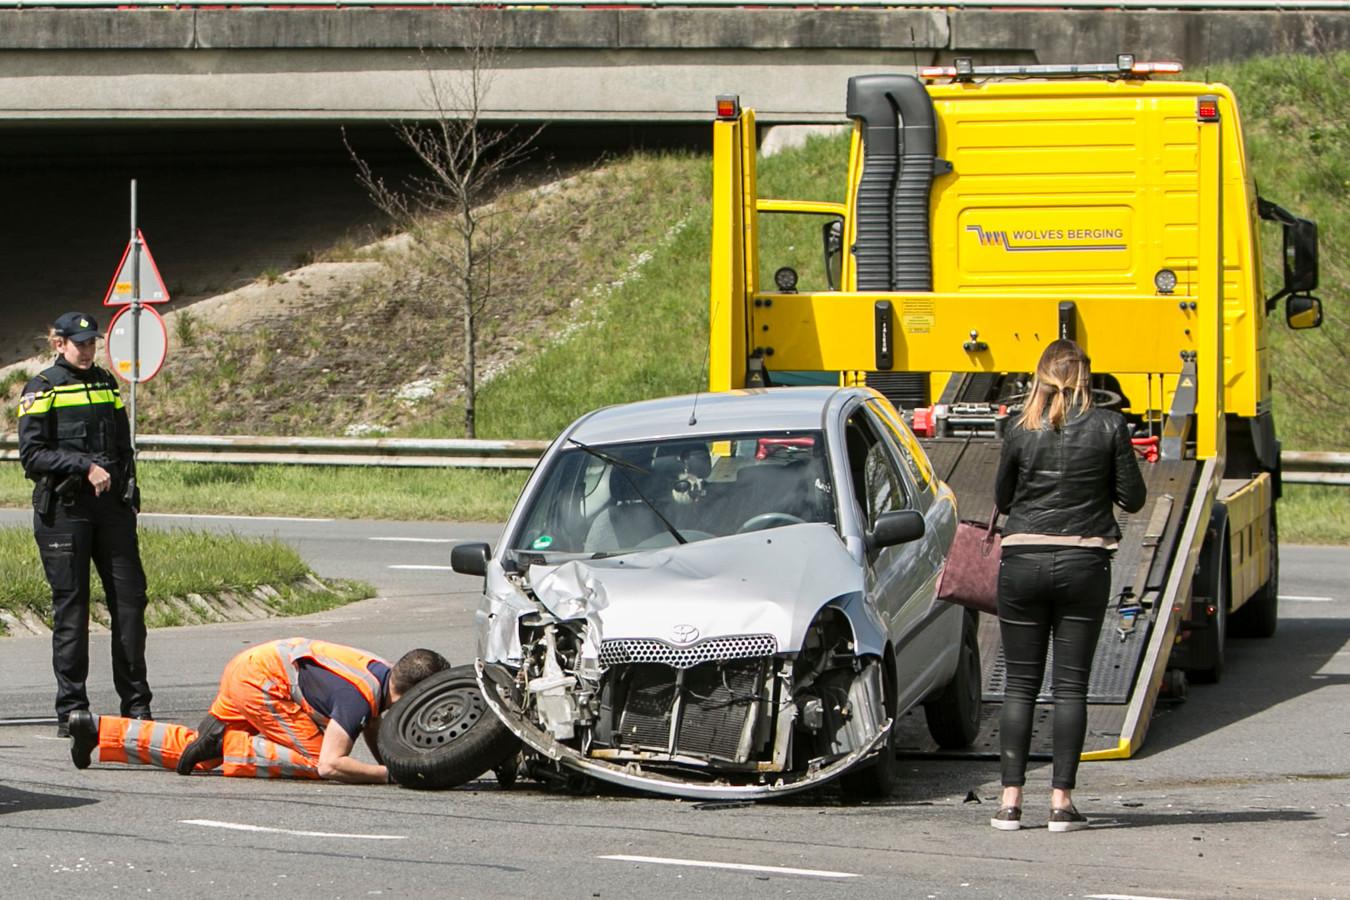 De auto was total loss na de frontale botsing.